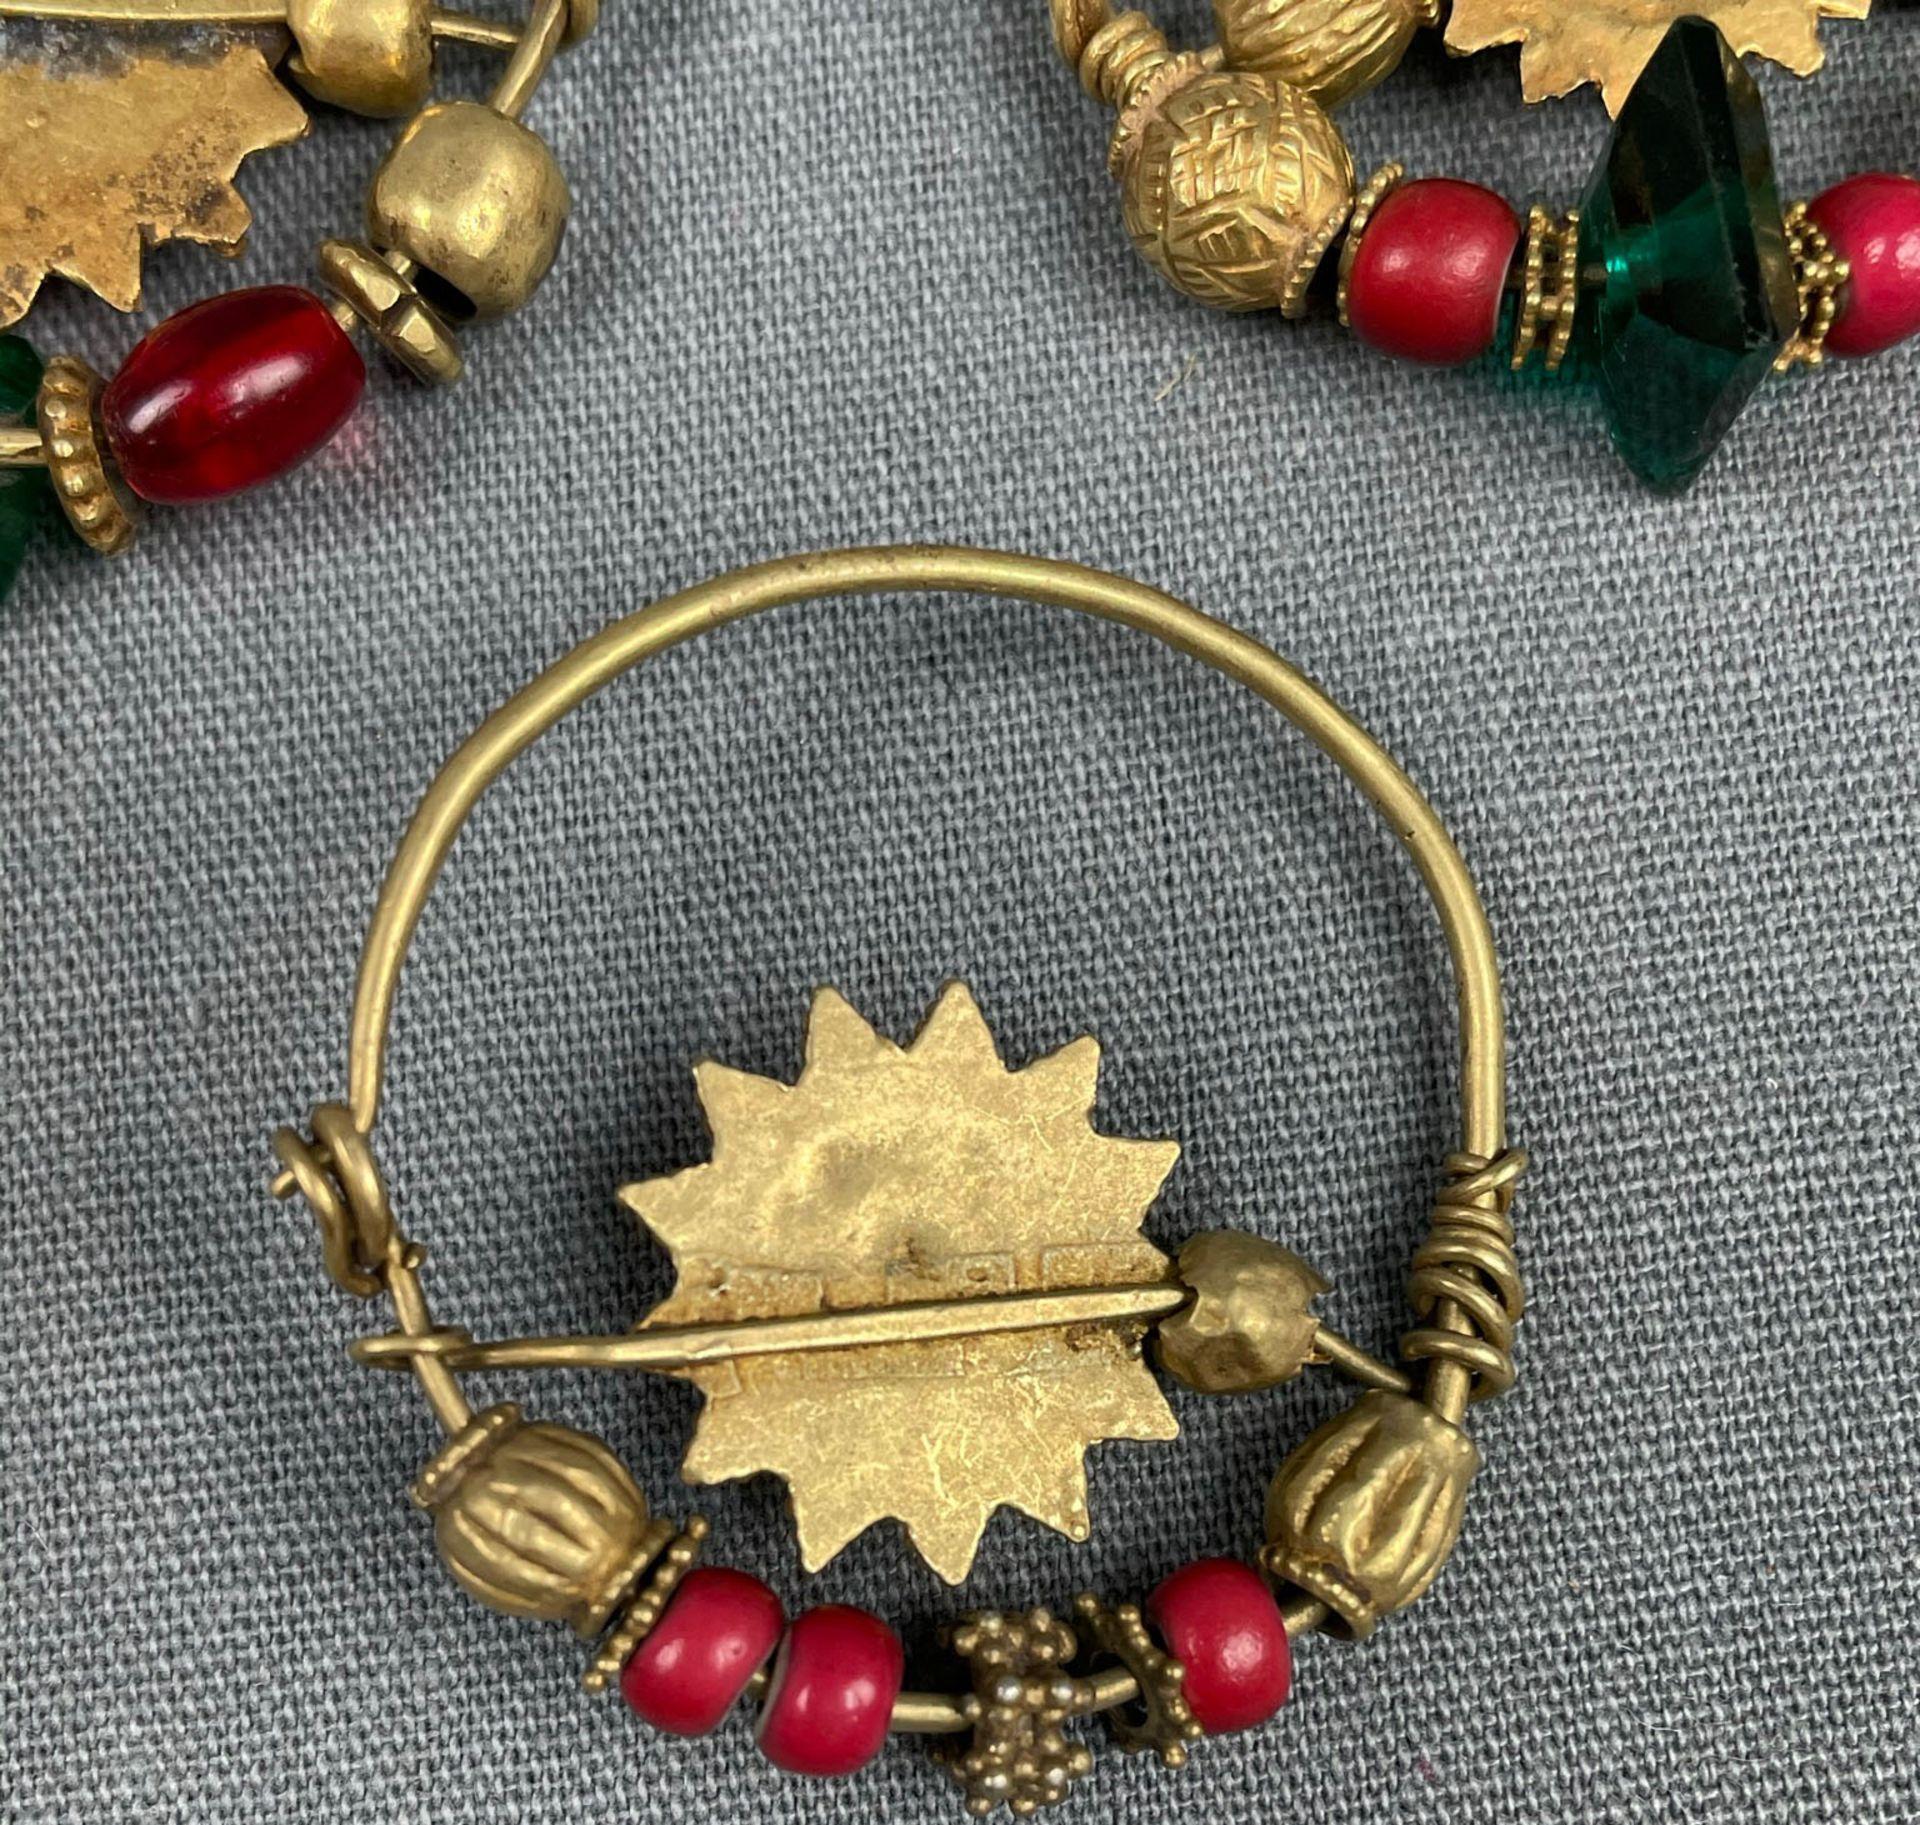 3 Anhänger, Ohrschmuck? Wohl Mogul Indien antik. Gold. - Image 5 of 10